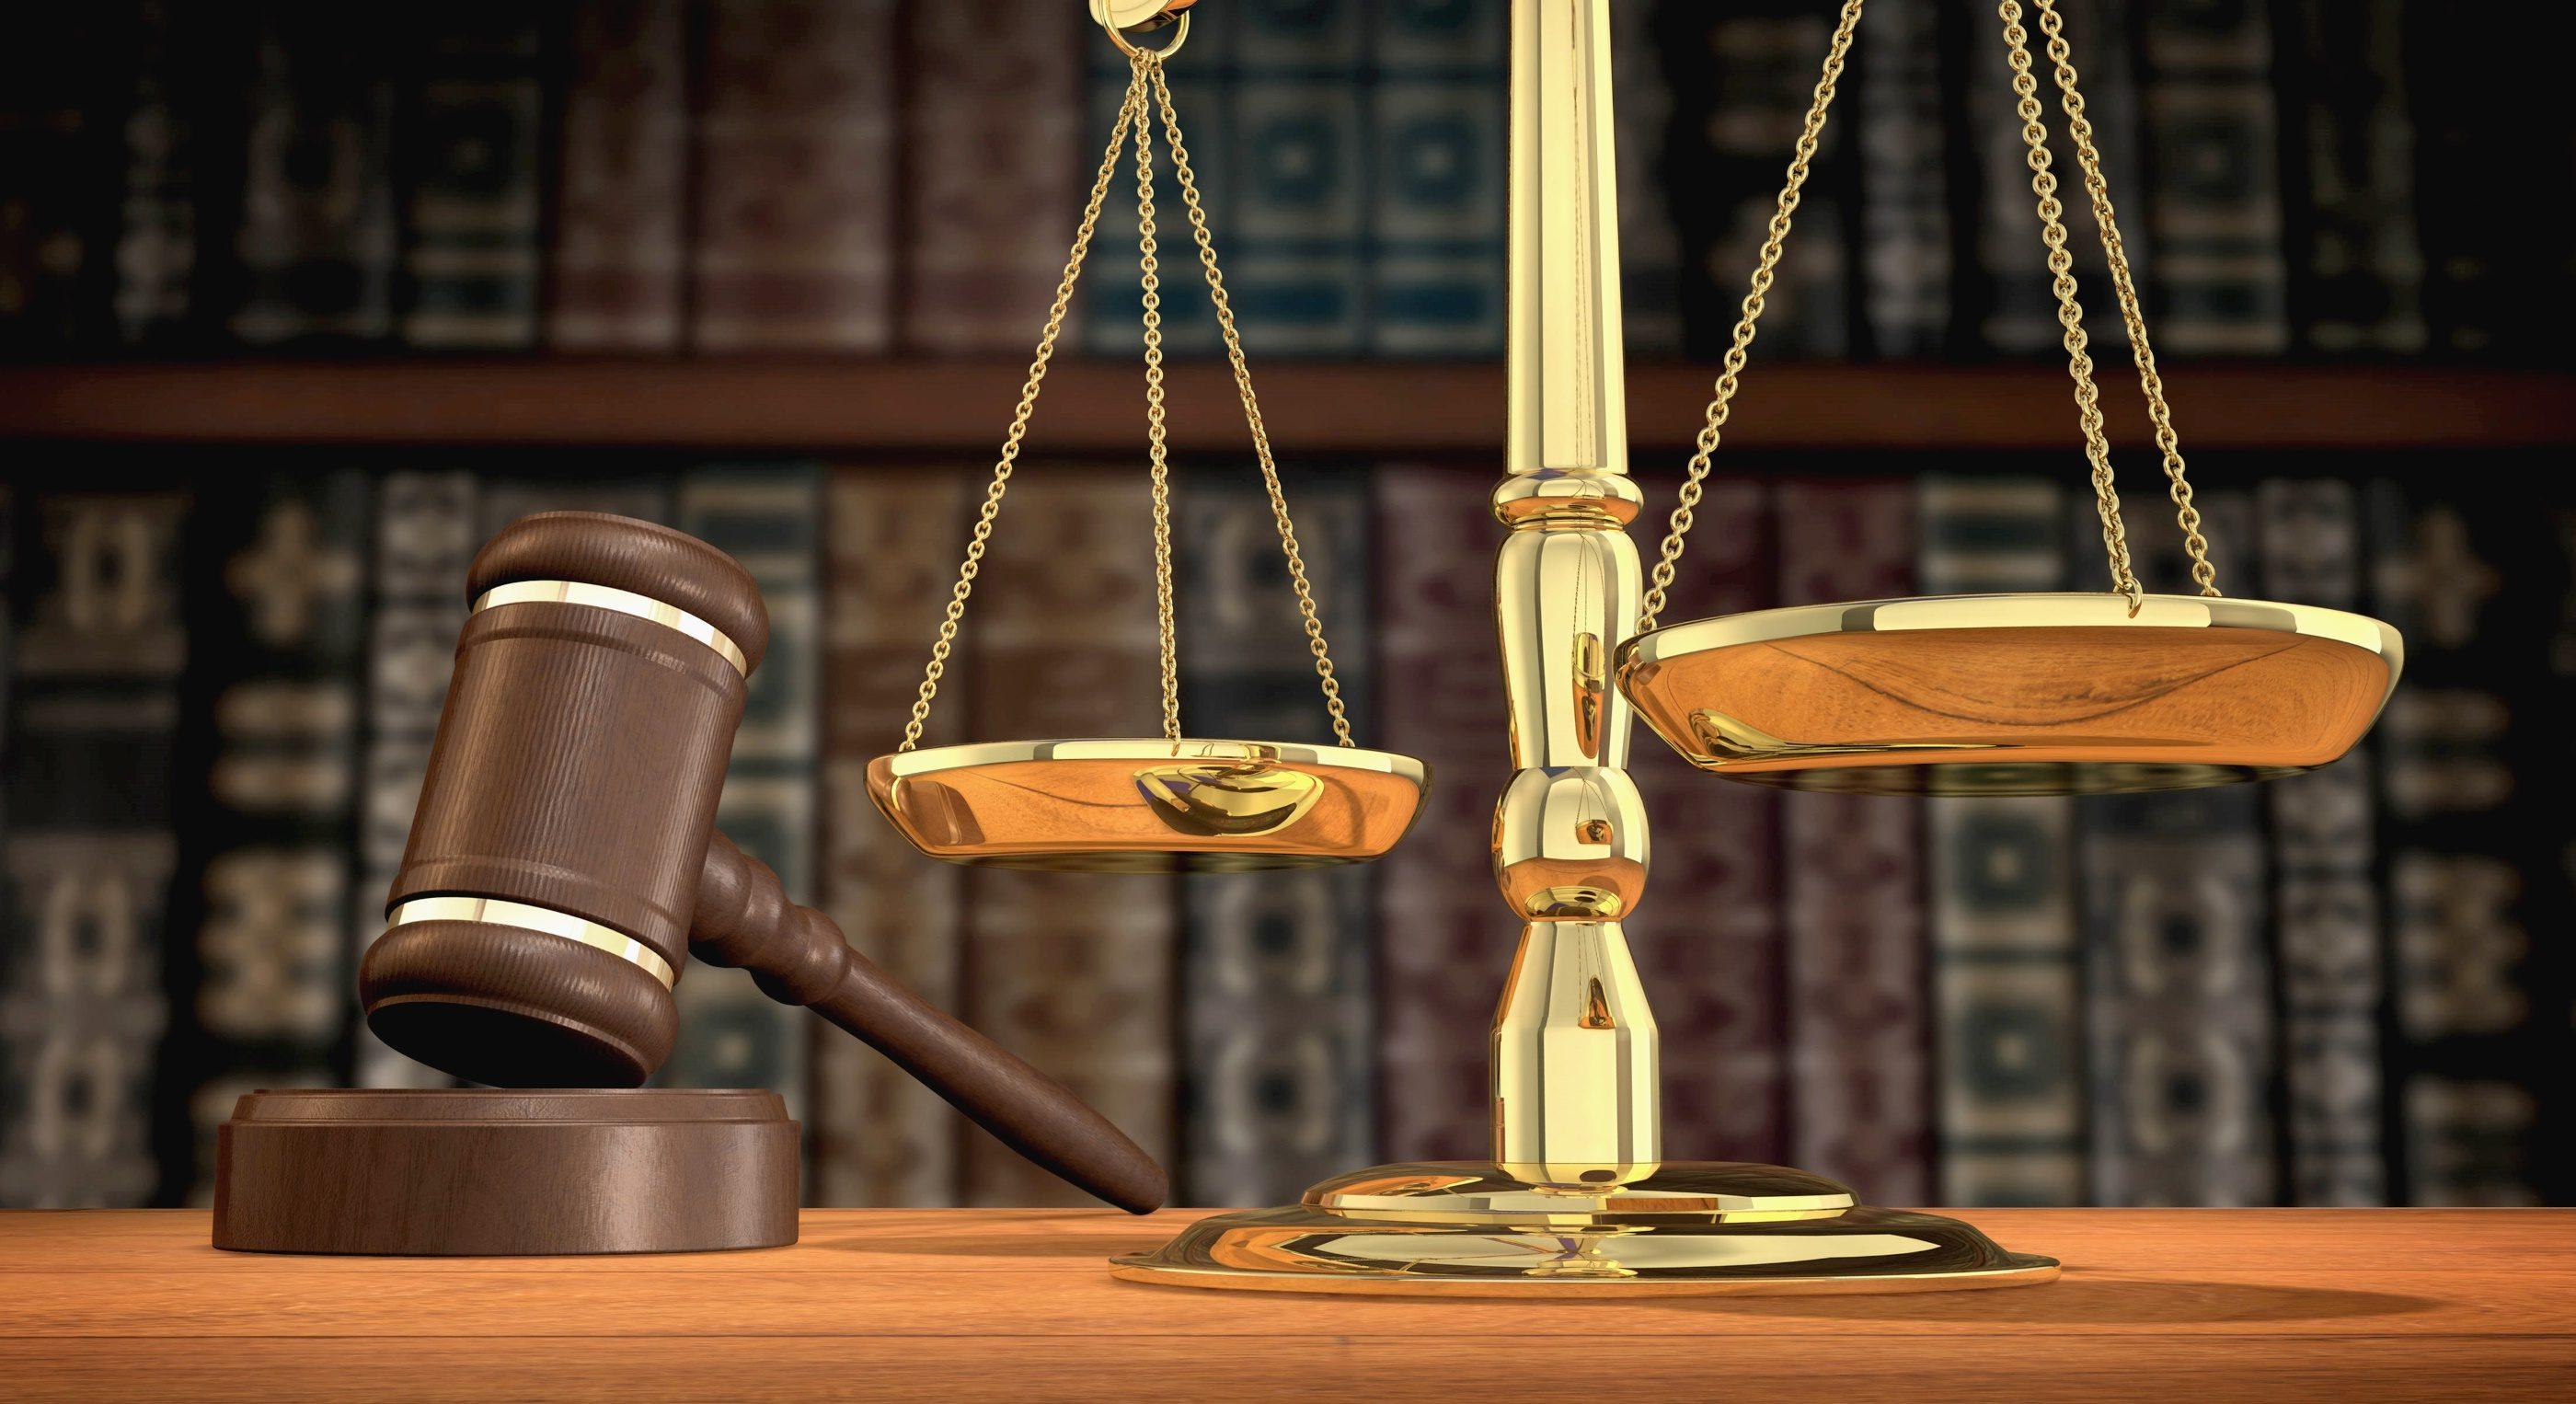 Преимущества бесплатной юридической консультации в Туле